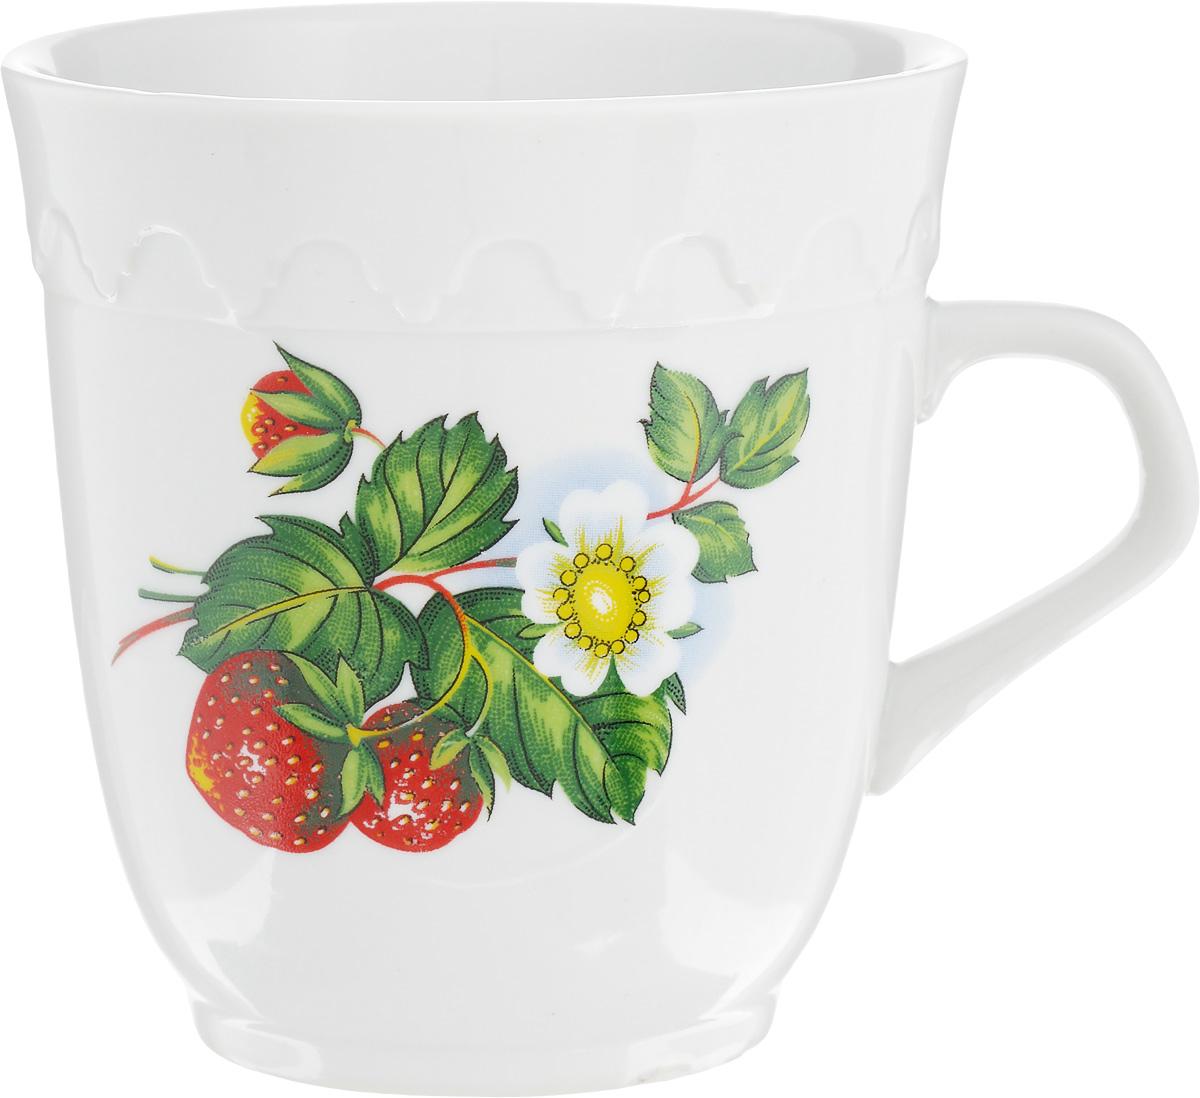 """Кружка Фарфор Вербилок """"Арабеска. Цветущая  земляника"""" способна скрасить любое чаепитие. Изделие  выполнено из высококачественного фарфора. Посуда из  такого материала позволяет сохранить истинный вкус  напитка, а также помогает ему дольше оставаться теплым. Диаметр по верхнему краю: 8,3 см."""